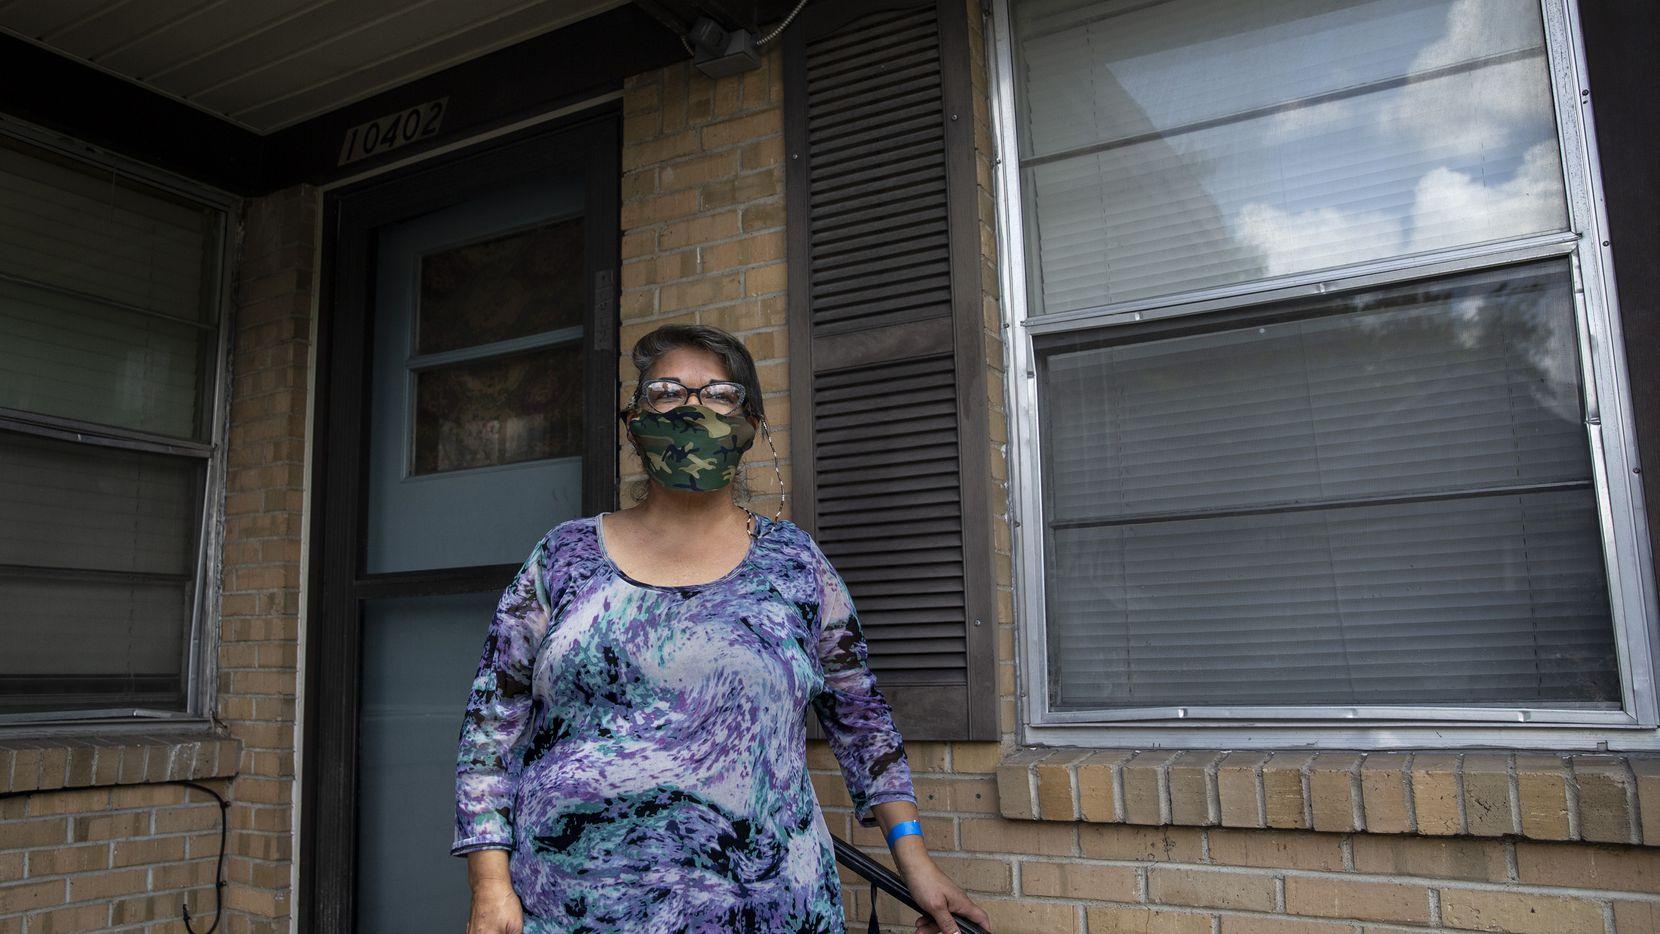 EneDina Rogers es una de las residentes del Norte de Texas que teme un posible desalojo de sus vivienda. Hay algunos recursos disponibles para ayudar a las familias.